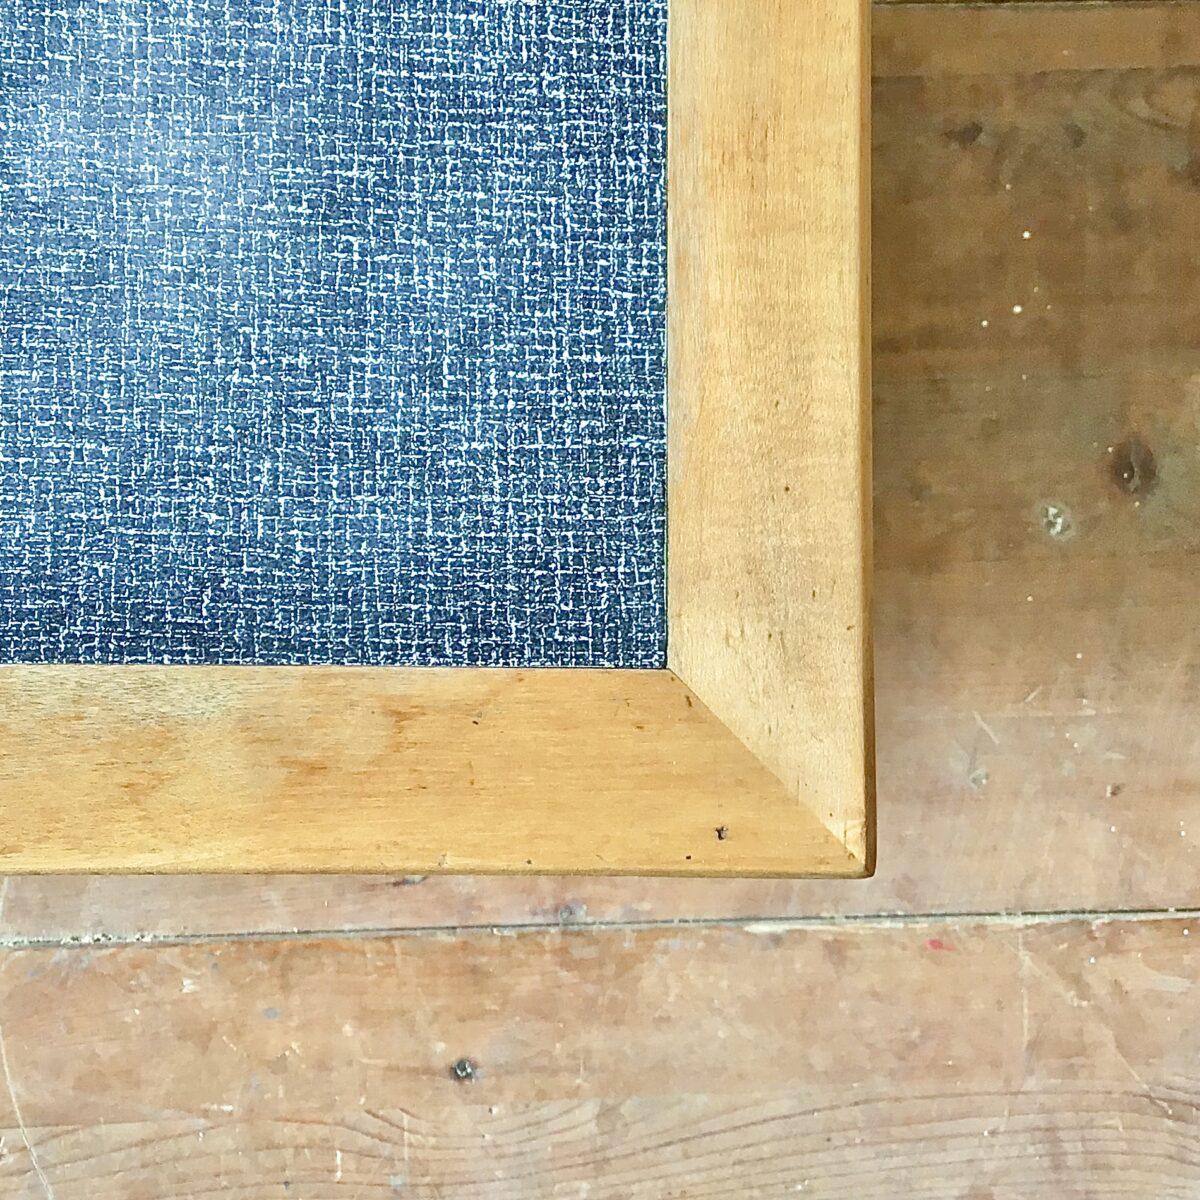 Längliches, helles Sideboard mit Kelko Oberfläche aus den 60er 70er Jahren. 230x55cm Höhe 58.5cm. Diese Kommode ist sehr schön proportioniert, länglich nicht so hoch, optisch trotzdem leicht. Auch das helle Holz in Kombination mit dem klassisch grau melierten Kunstharz gefällt mir gut. Die leicht runden geschwungenen Schubladengriffe, lockern die sonst geradlinigen klaren Linien etwas auf. Hinter den Türen befinden sich zwei tablare. In der oberen linken Schublade hat es Besteck einlagen.